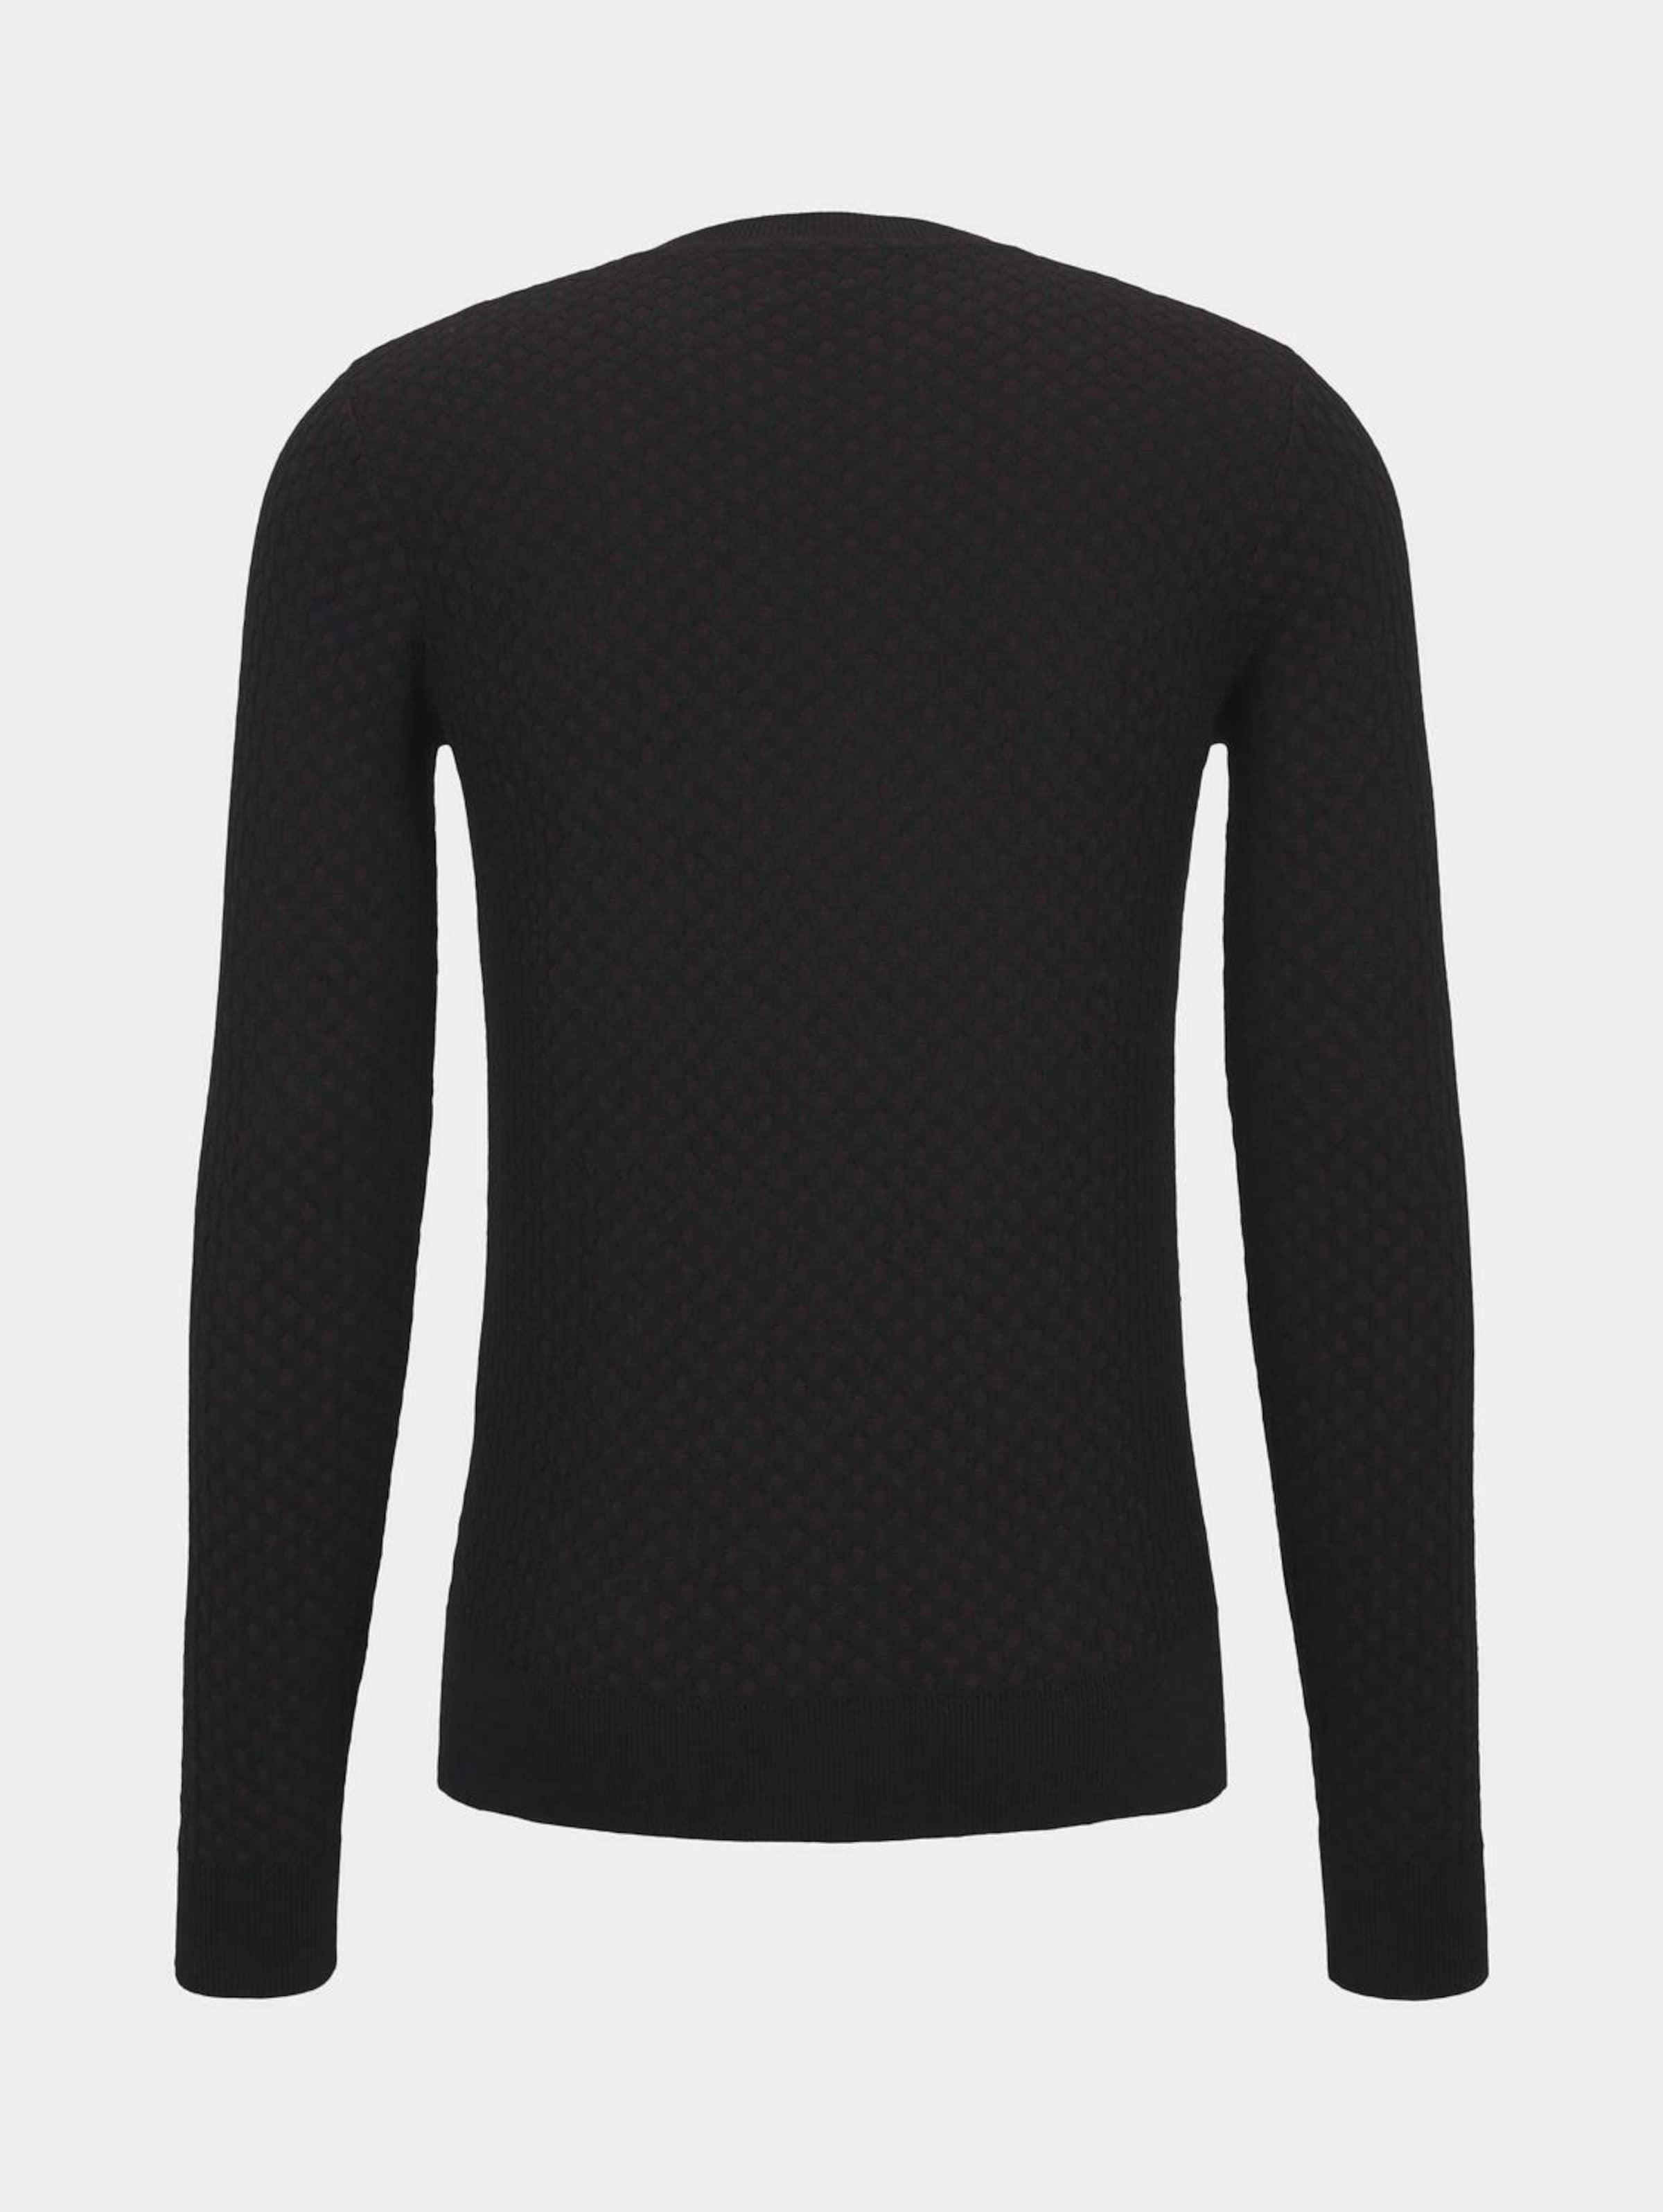 TOM TAILOR Pullover in schwarz Rundhals-Ausschnitt 1013847001